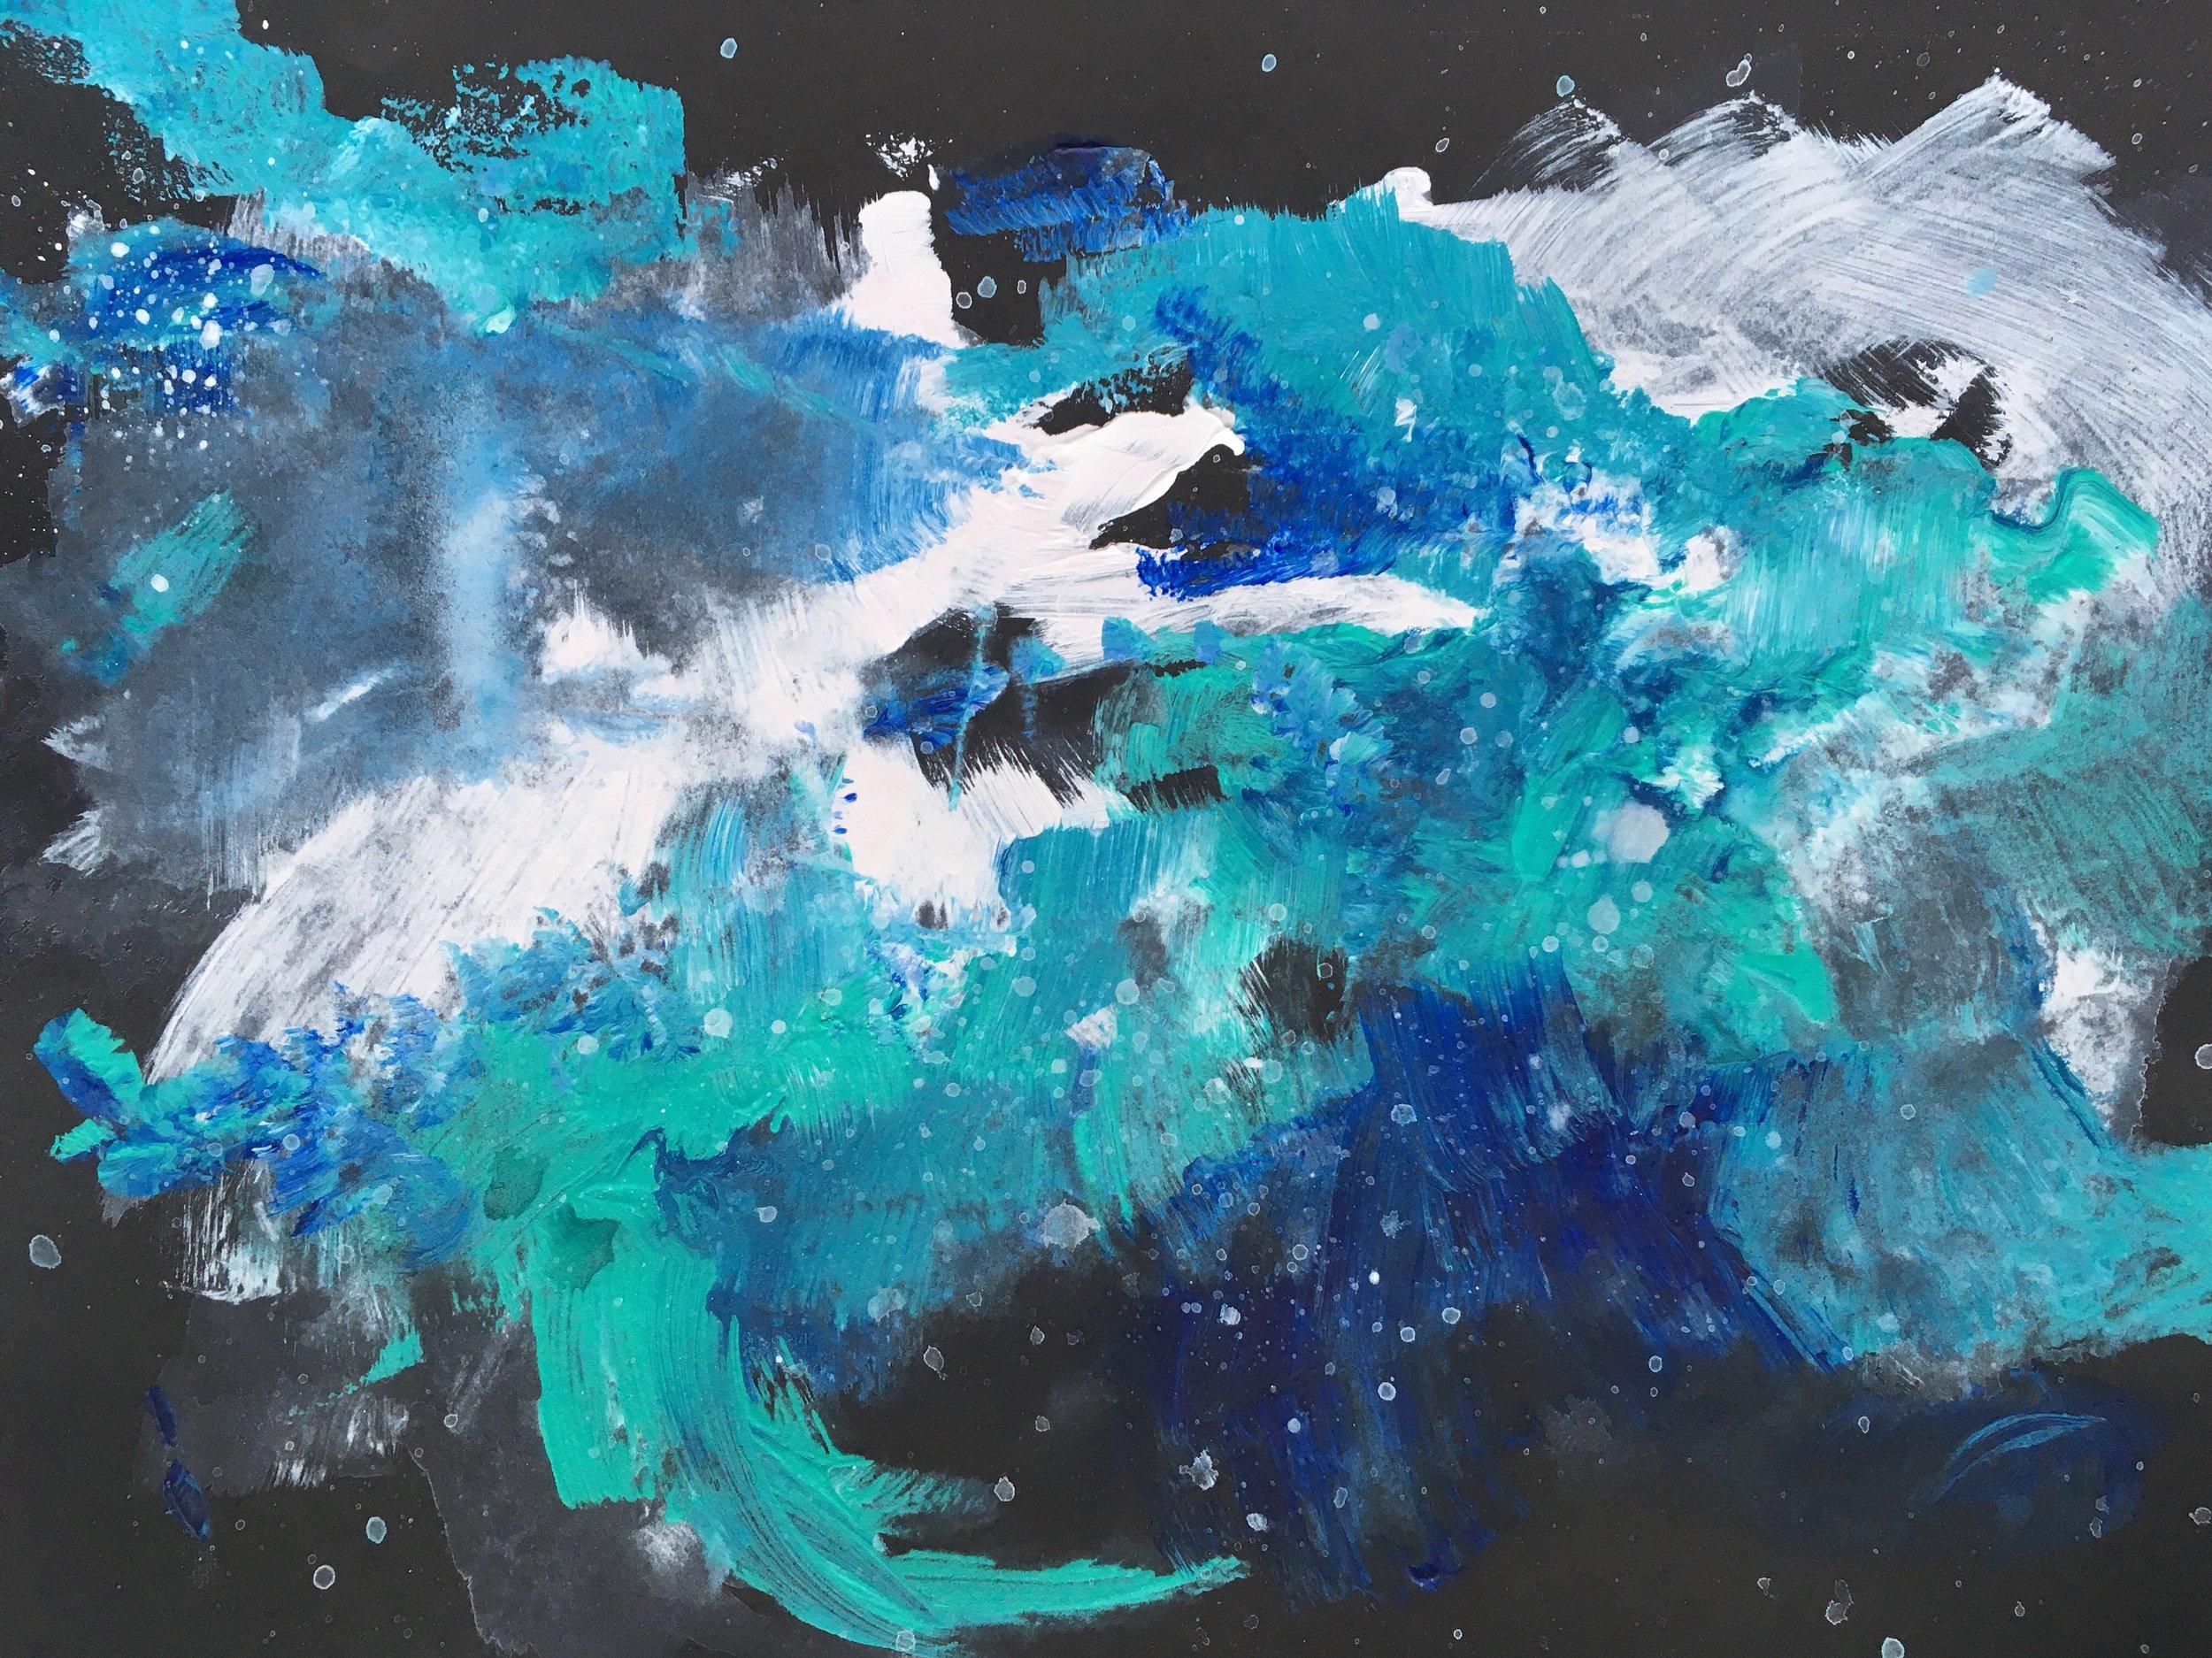 turquoise nebula study